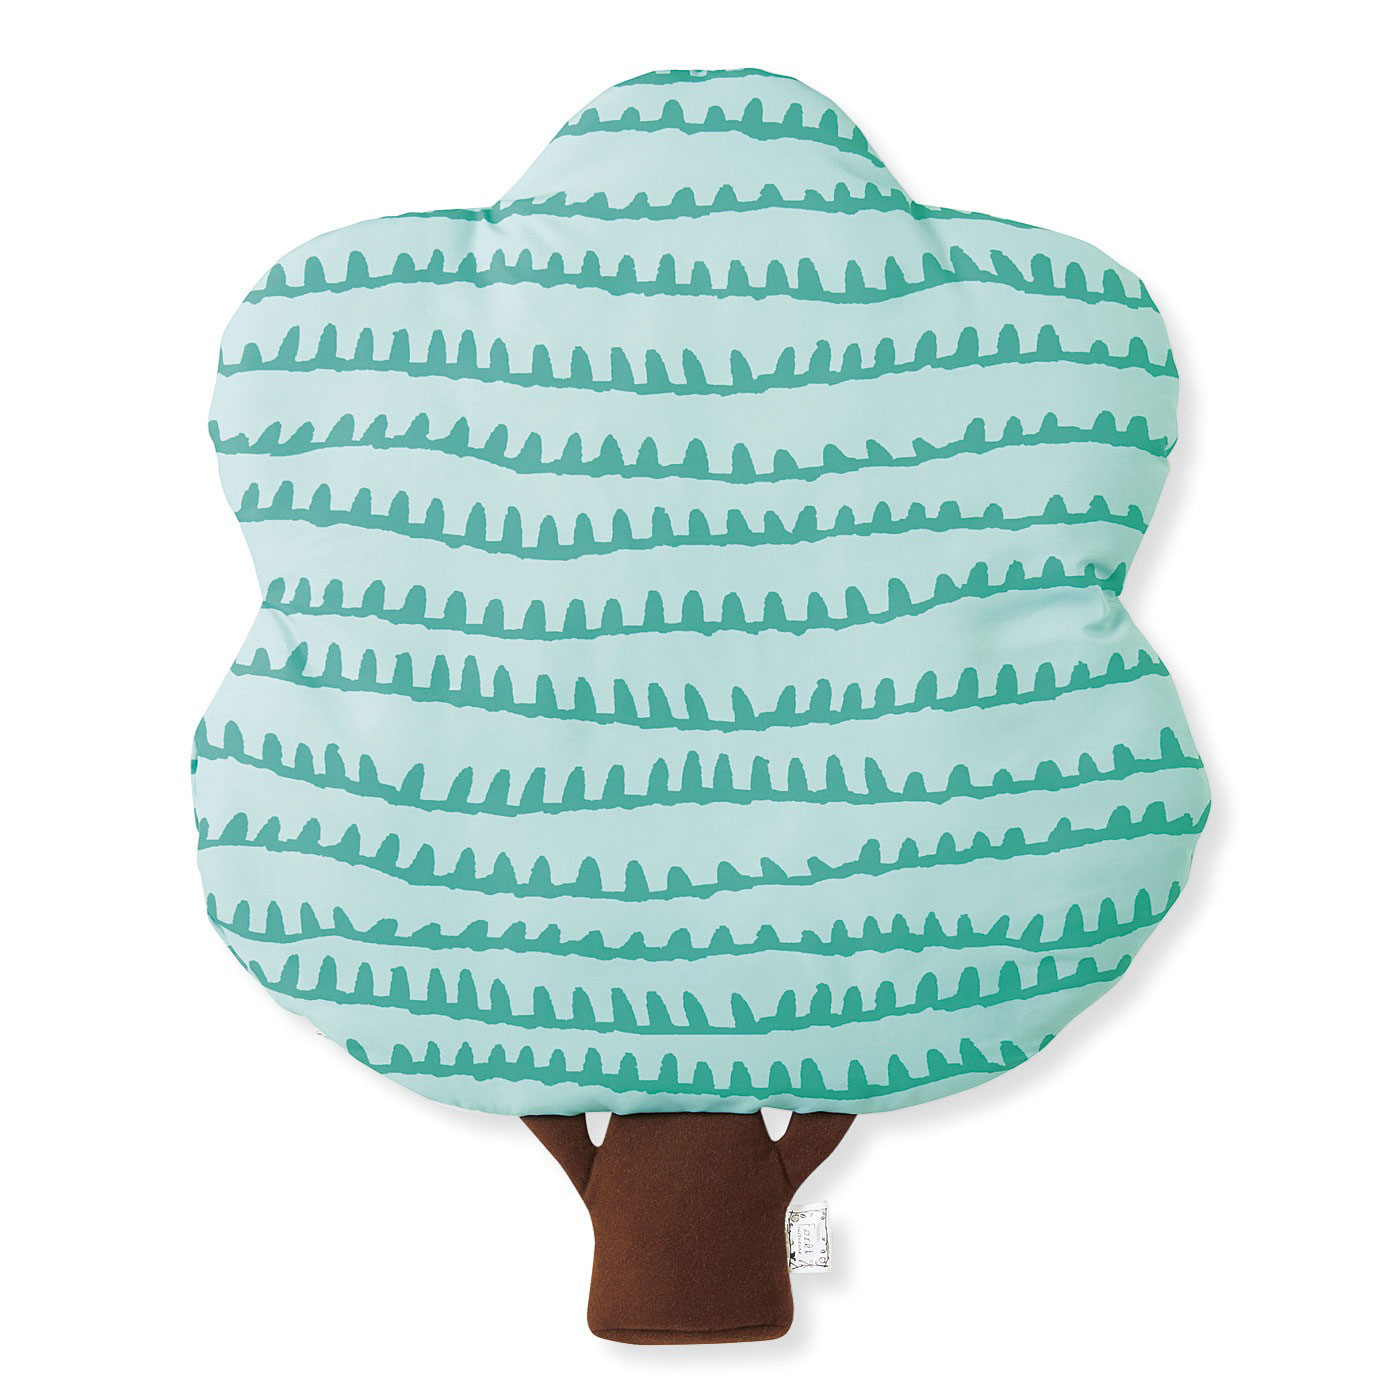 実りの森 お部屋やソファを森に ふわふわわたの入った 木のクッションカバー